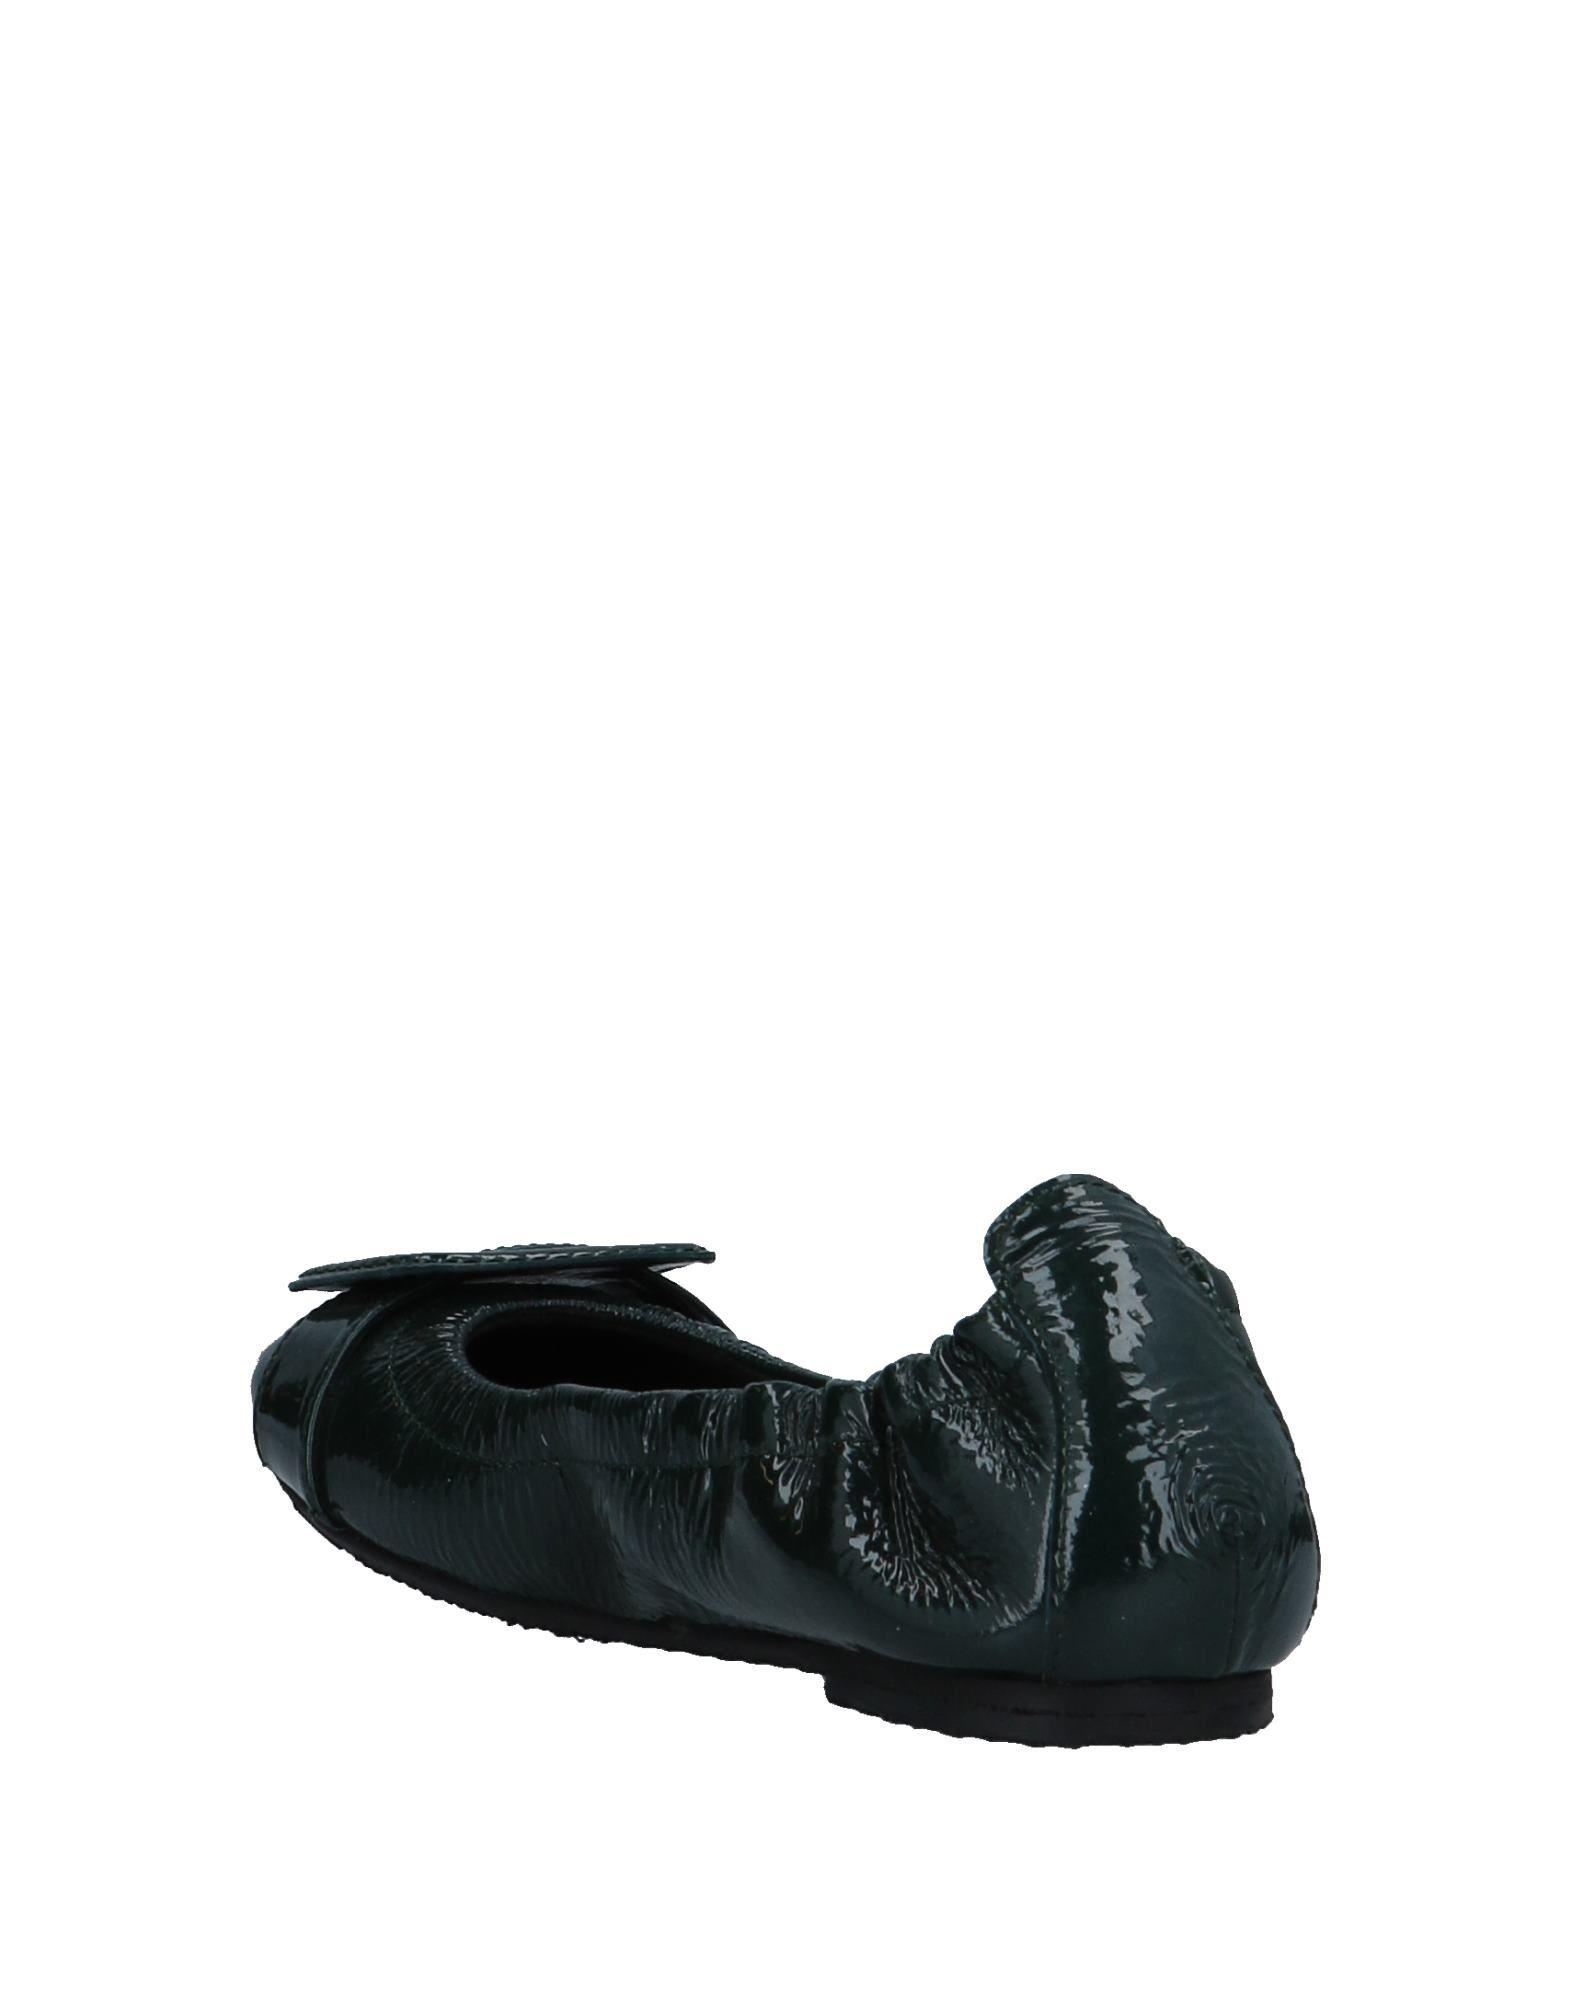 Betti 11529410EV Oliva Ballerinas Damen  11529410EV Betti Gute Qualität beliebte Schuhe f107eb